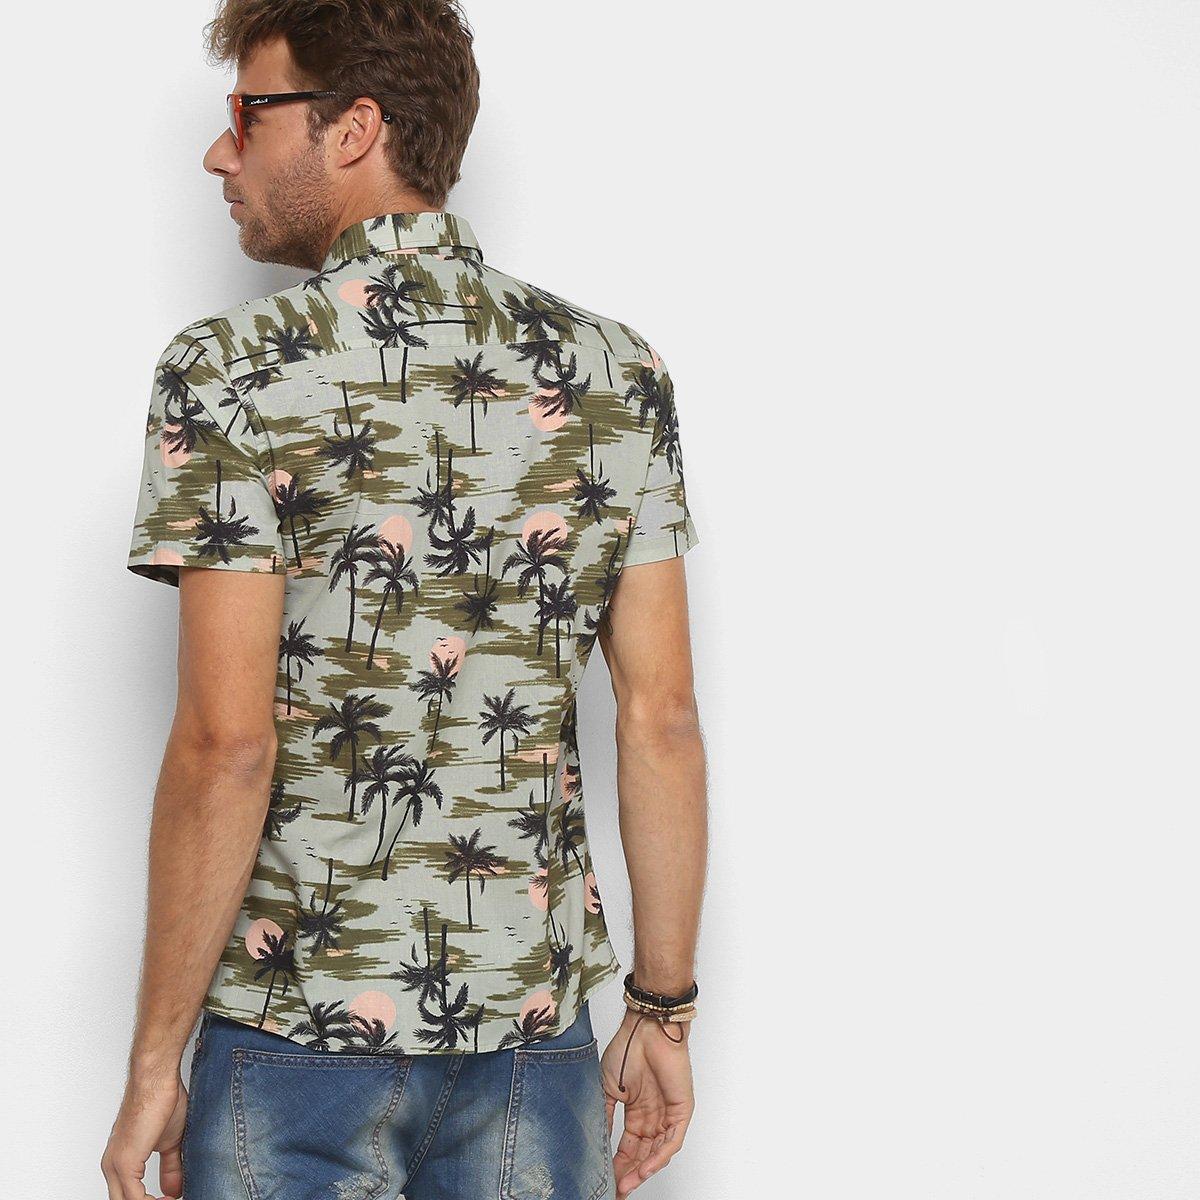 5c2b19f91d Camisa Colcci Manga Curta Estampada Masculina - Compre Agora